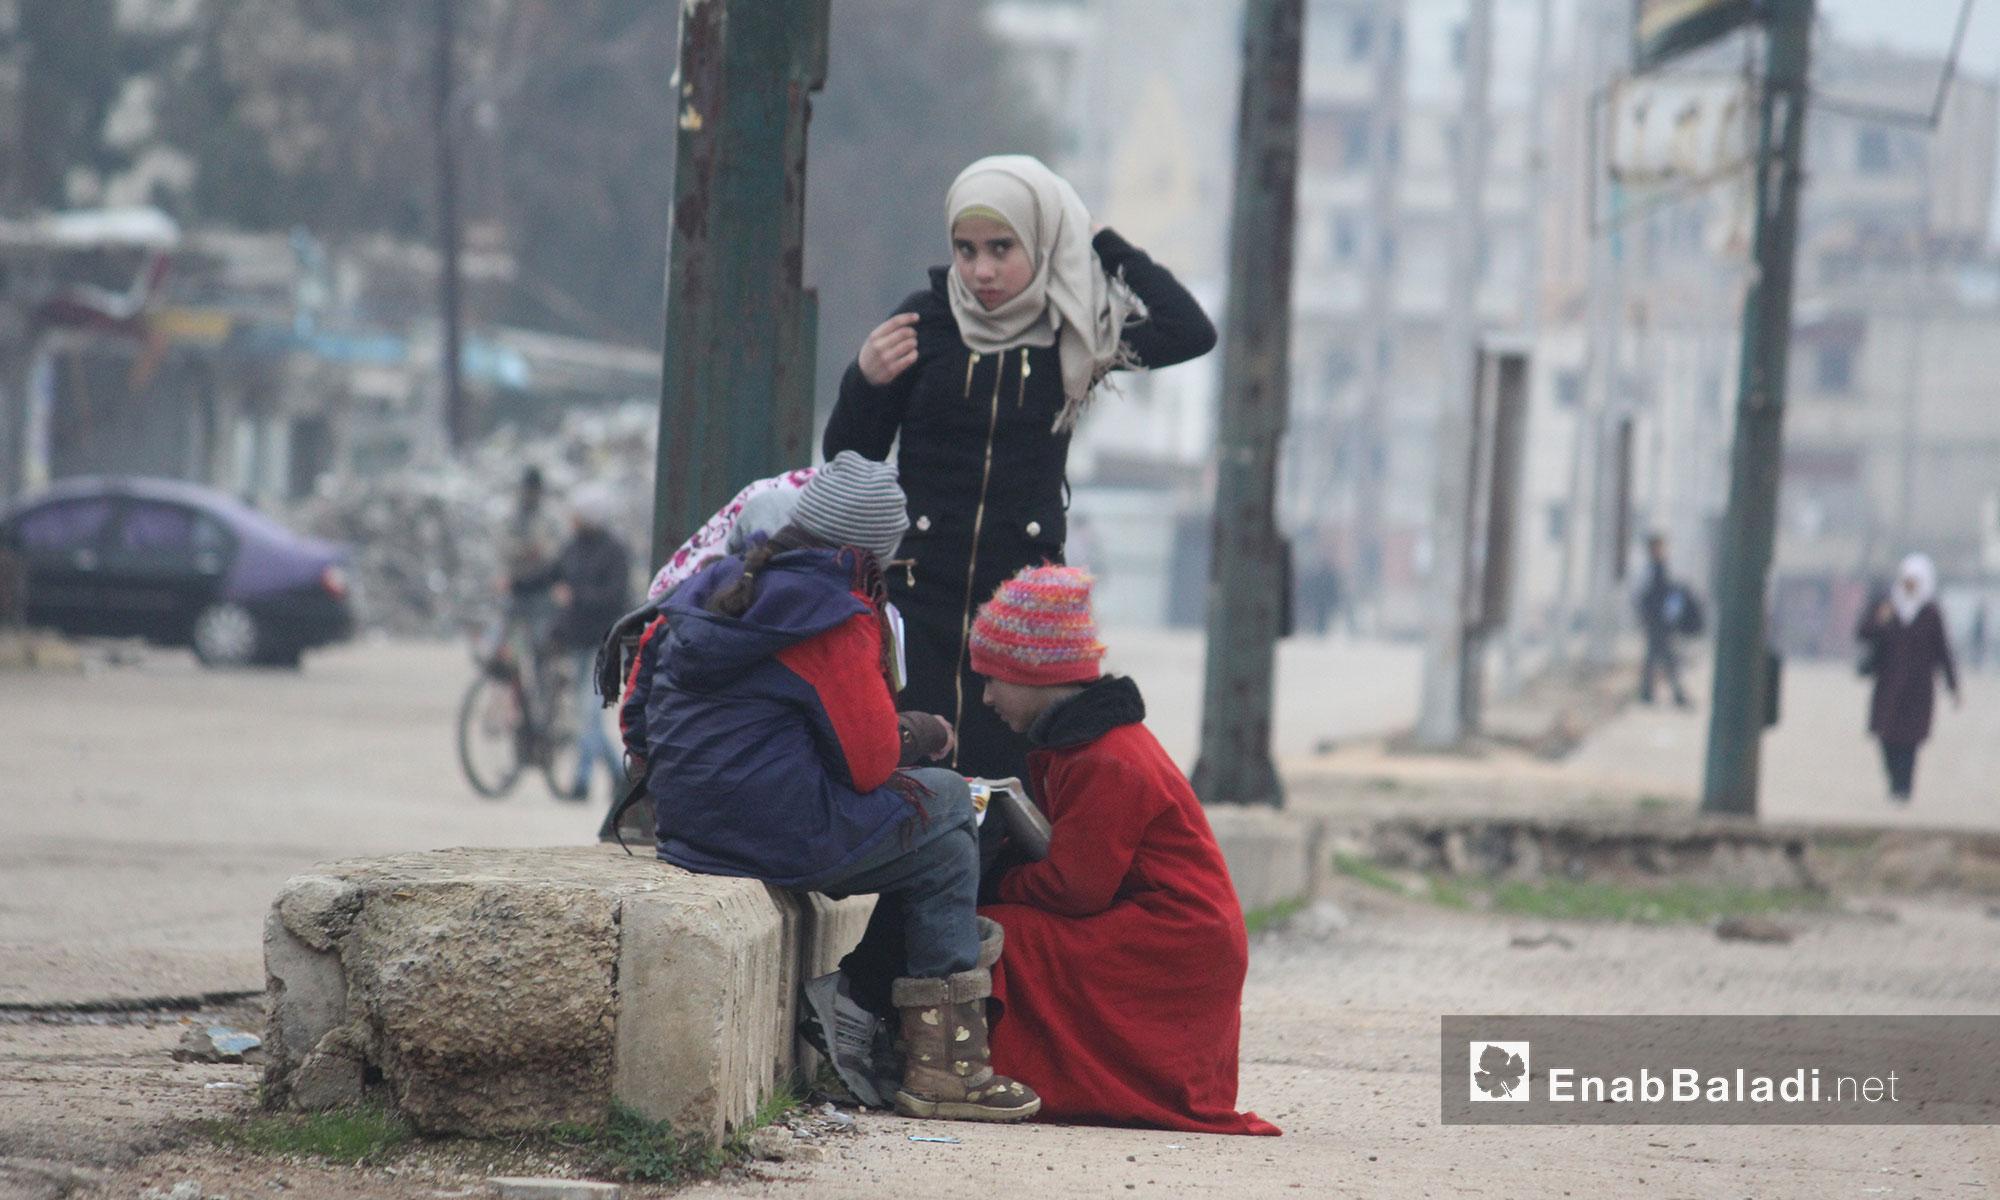 أطفال يتبادلون الحديث في حي الوعر بمدينة حمص - 21 كانون الثاني 2017 (عنب بلدي)